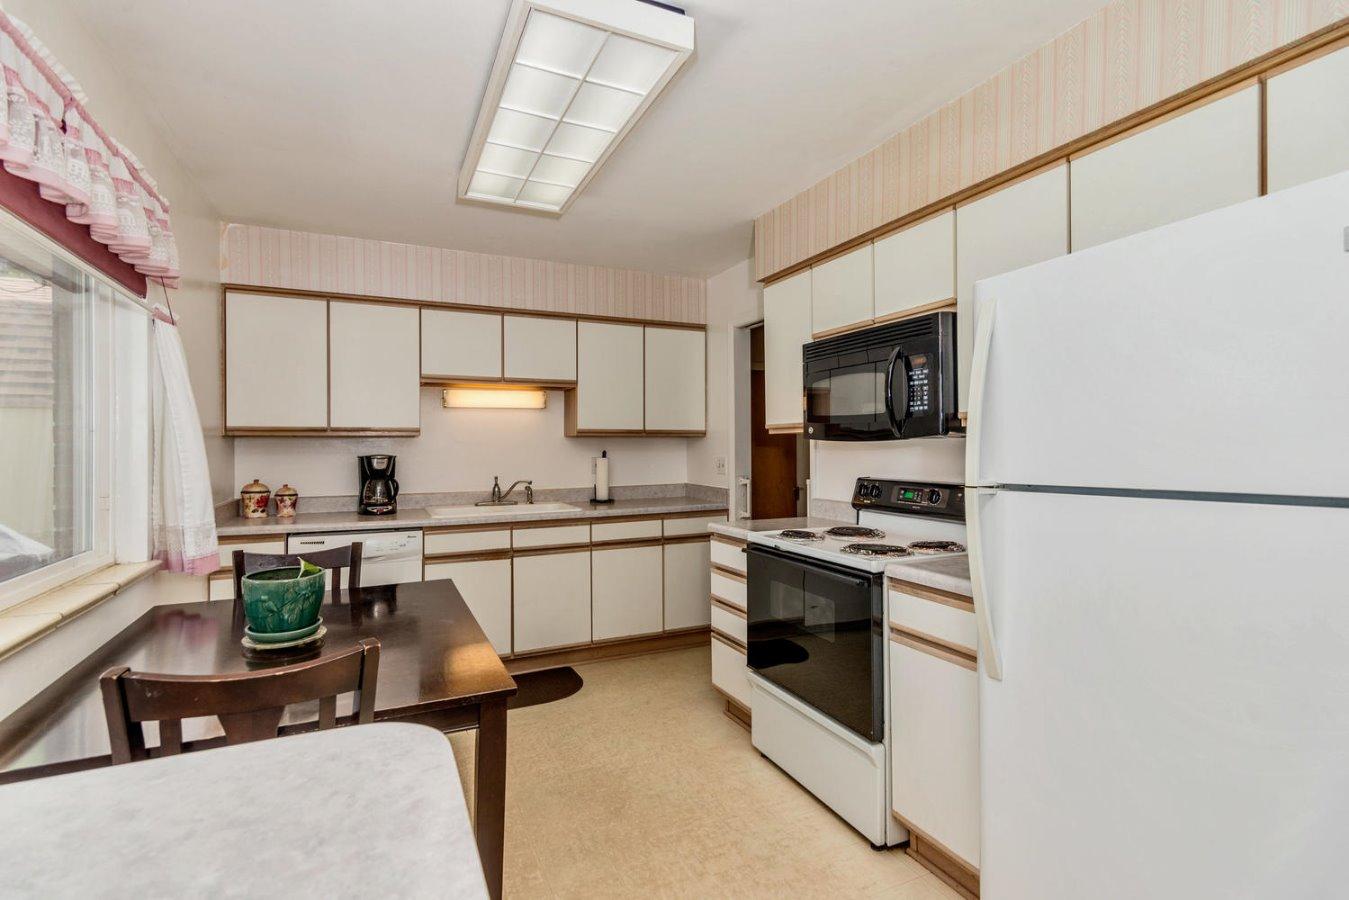 Abundant Storage Cabinetry in Kitchen